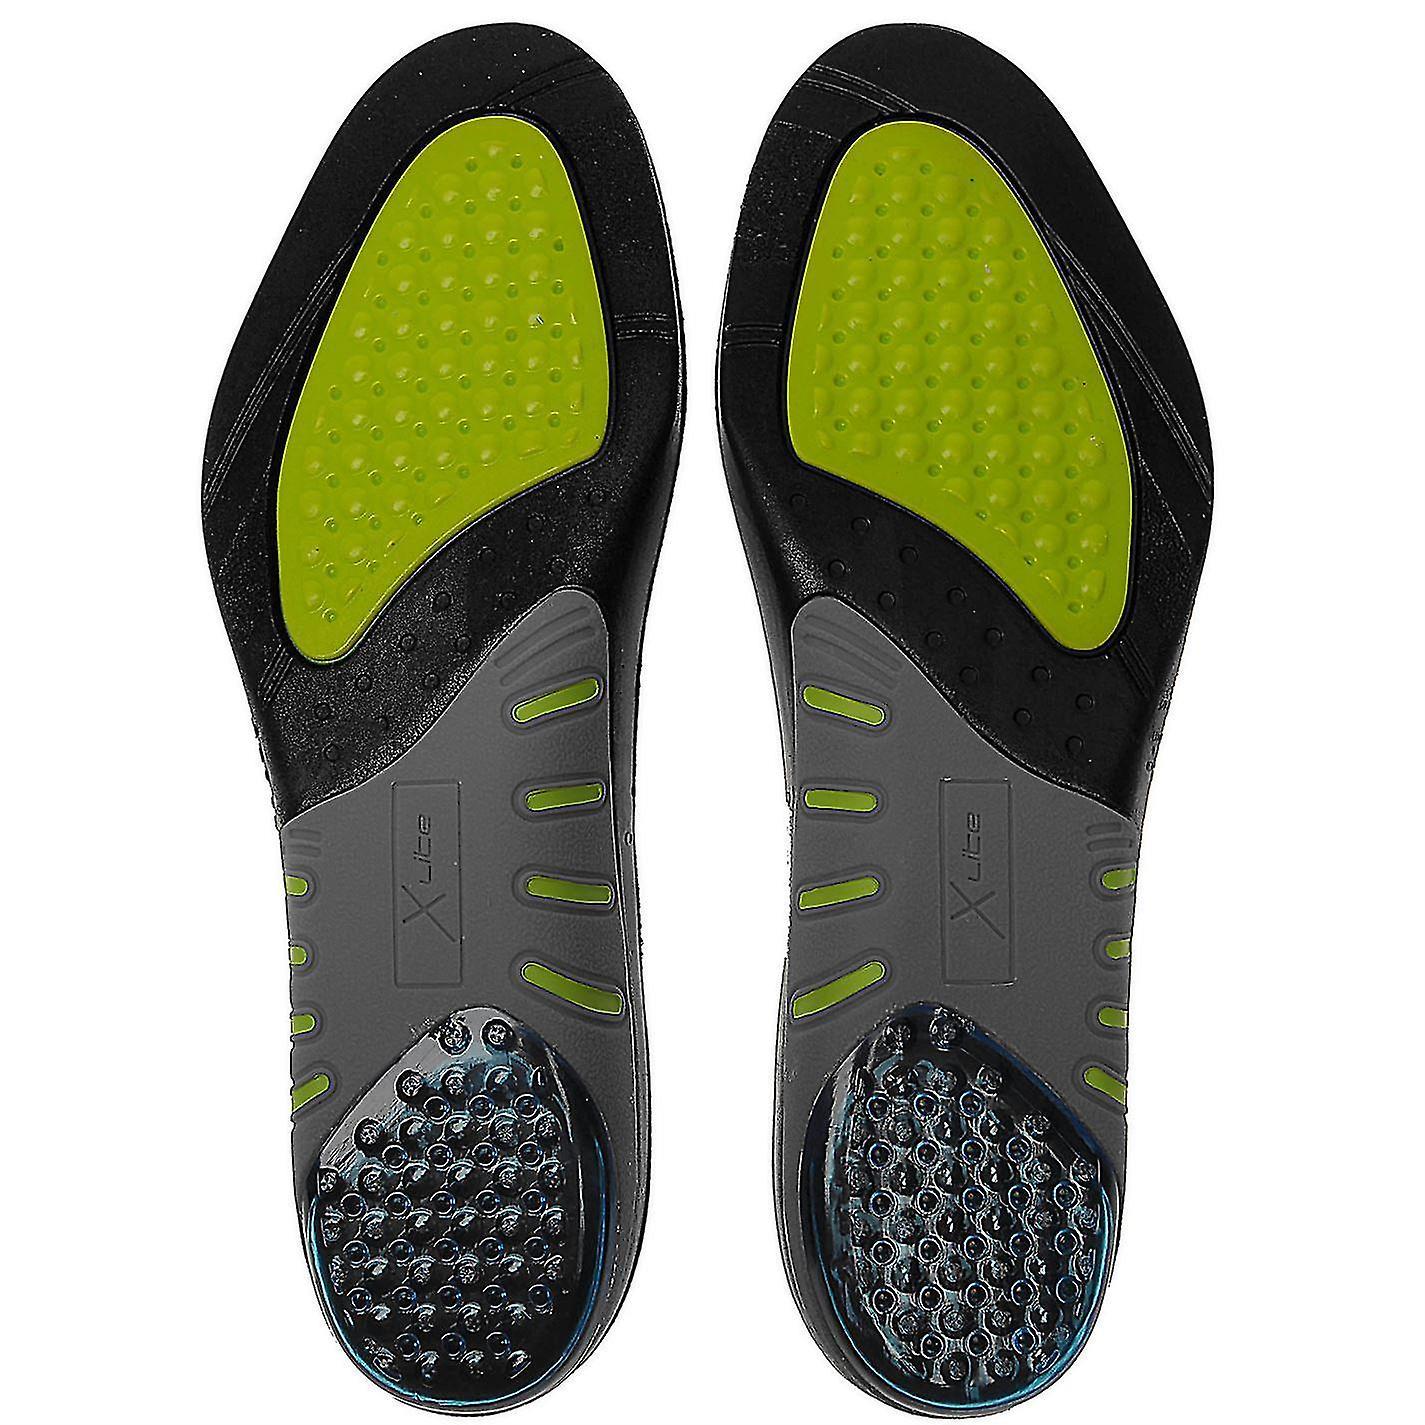 Chaussure Cn Porter Semelles Pieds Accessoire Unisexe Silicone Chaussures Karrimor Xlite A 1JKclF